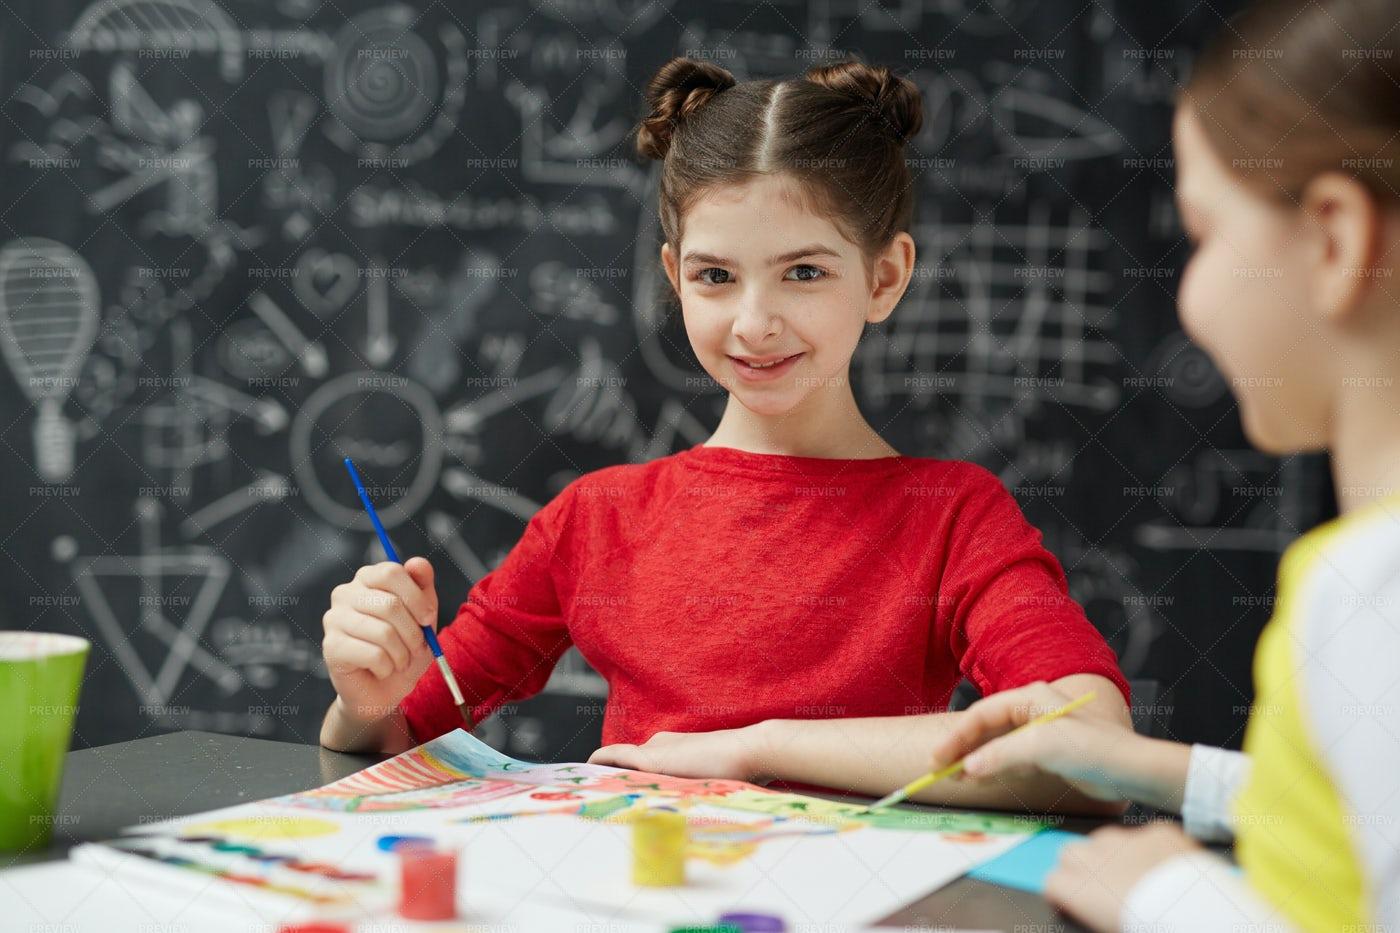 Smiling Schoolgirl Painting In Art Class: Stock Photos